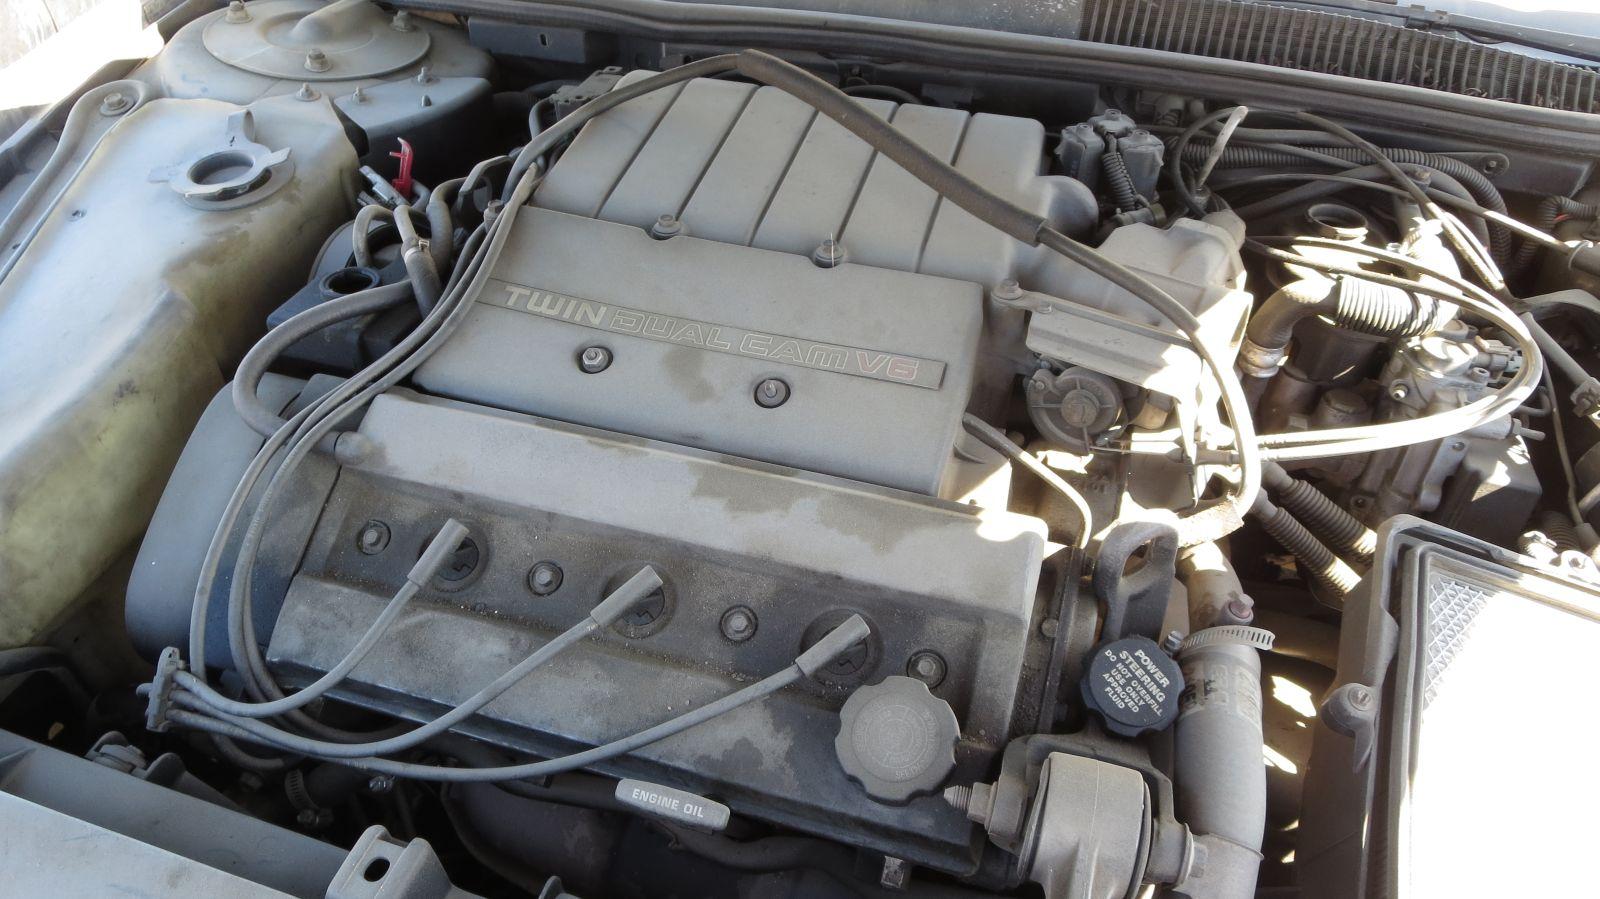 1992 Chevrolet Lumina Z34 in California junkyard